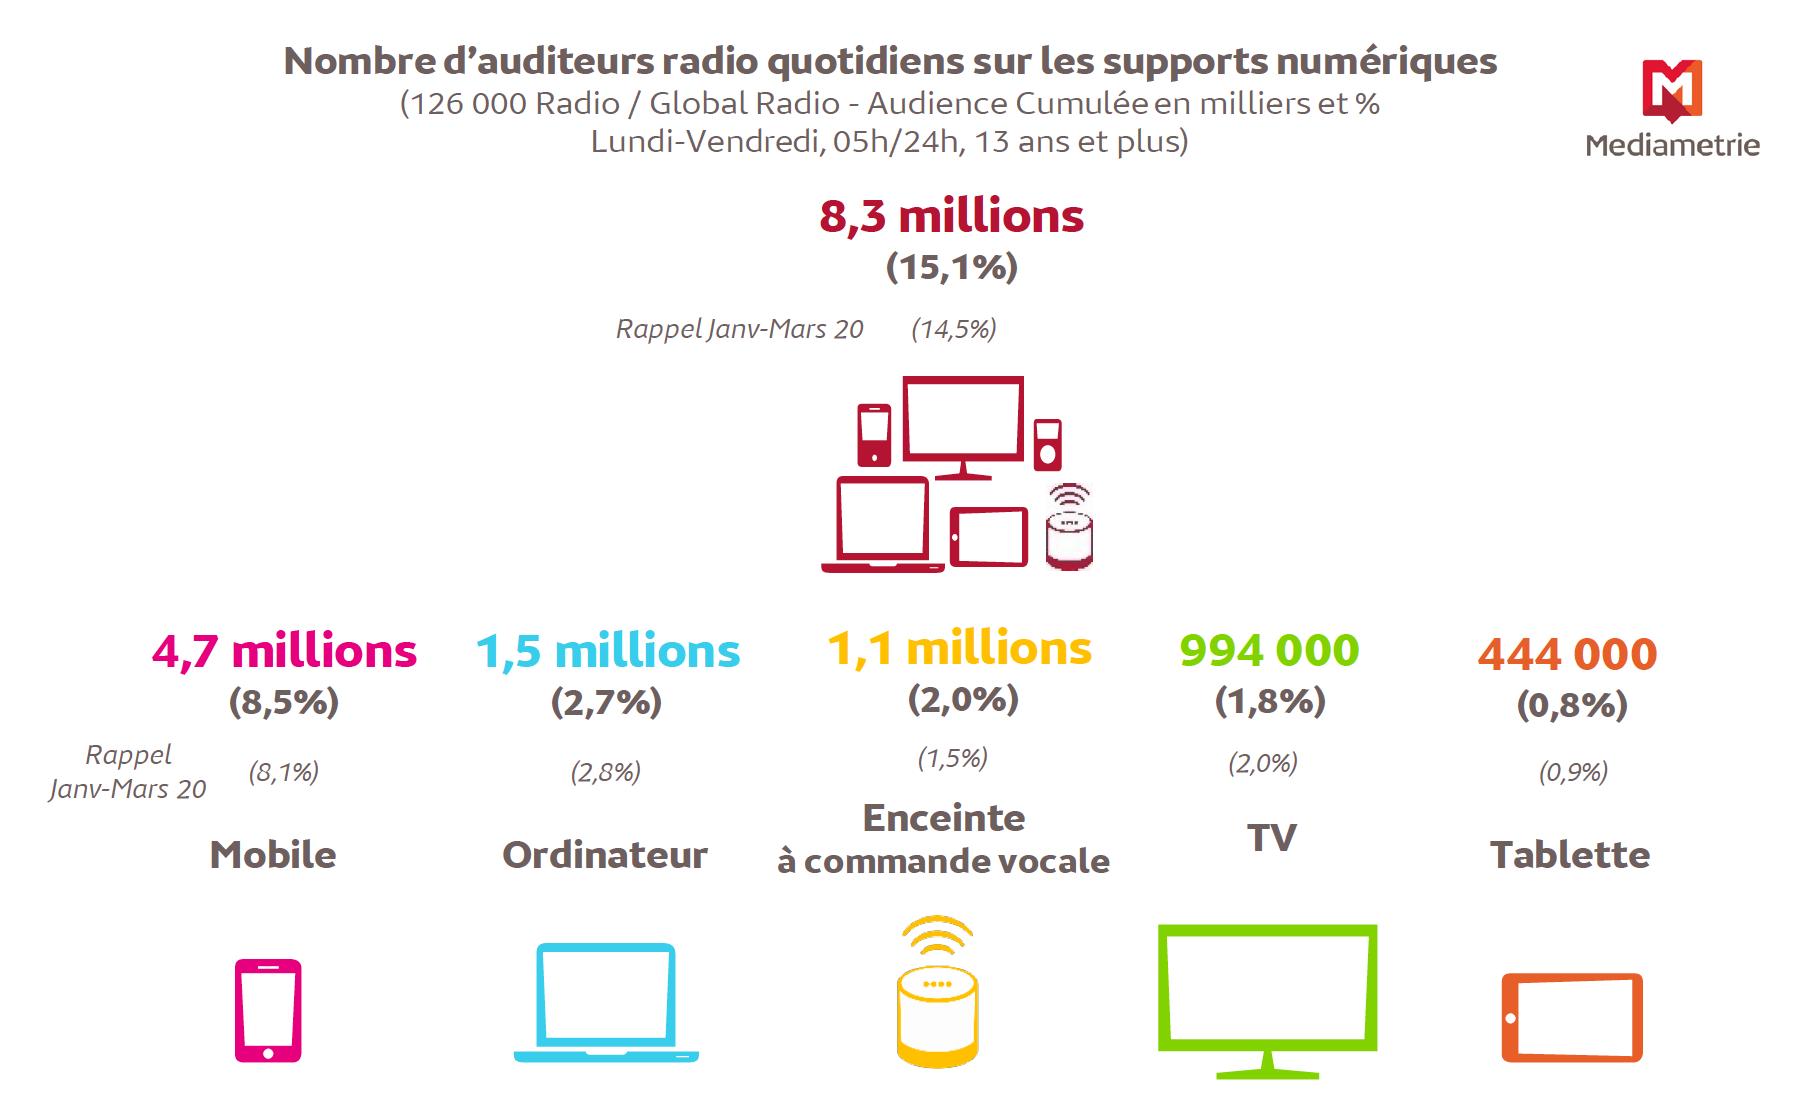 Source : Médiamétrie – 126 000 Radio / Global Radio – janvier-mars 2021– Copyright Médiamétrie – Tous droits réservés